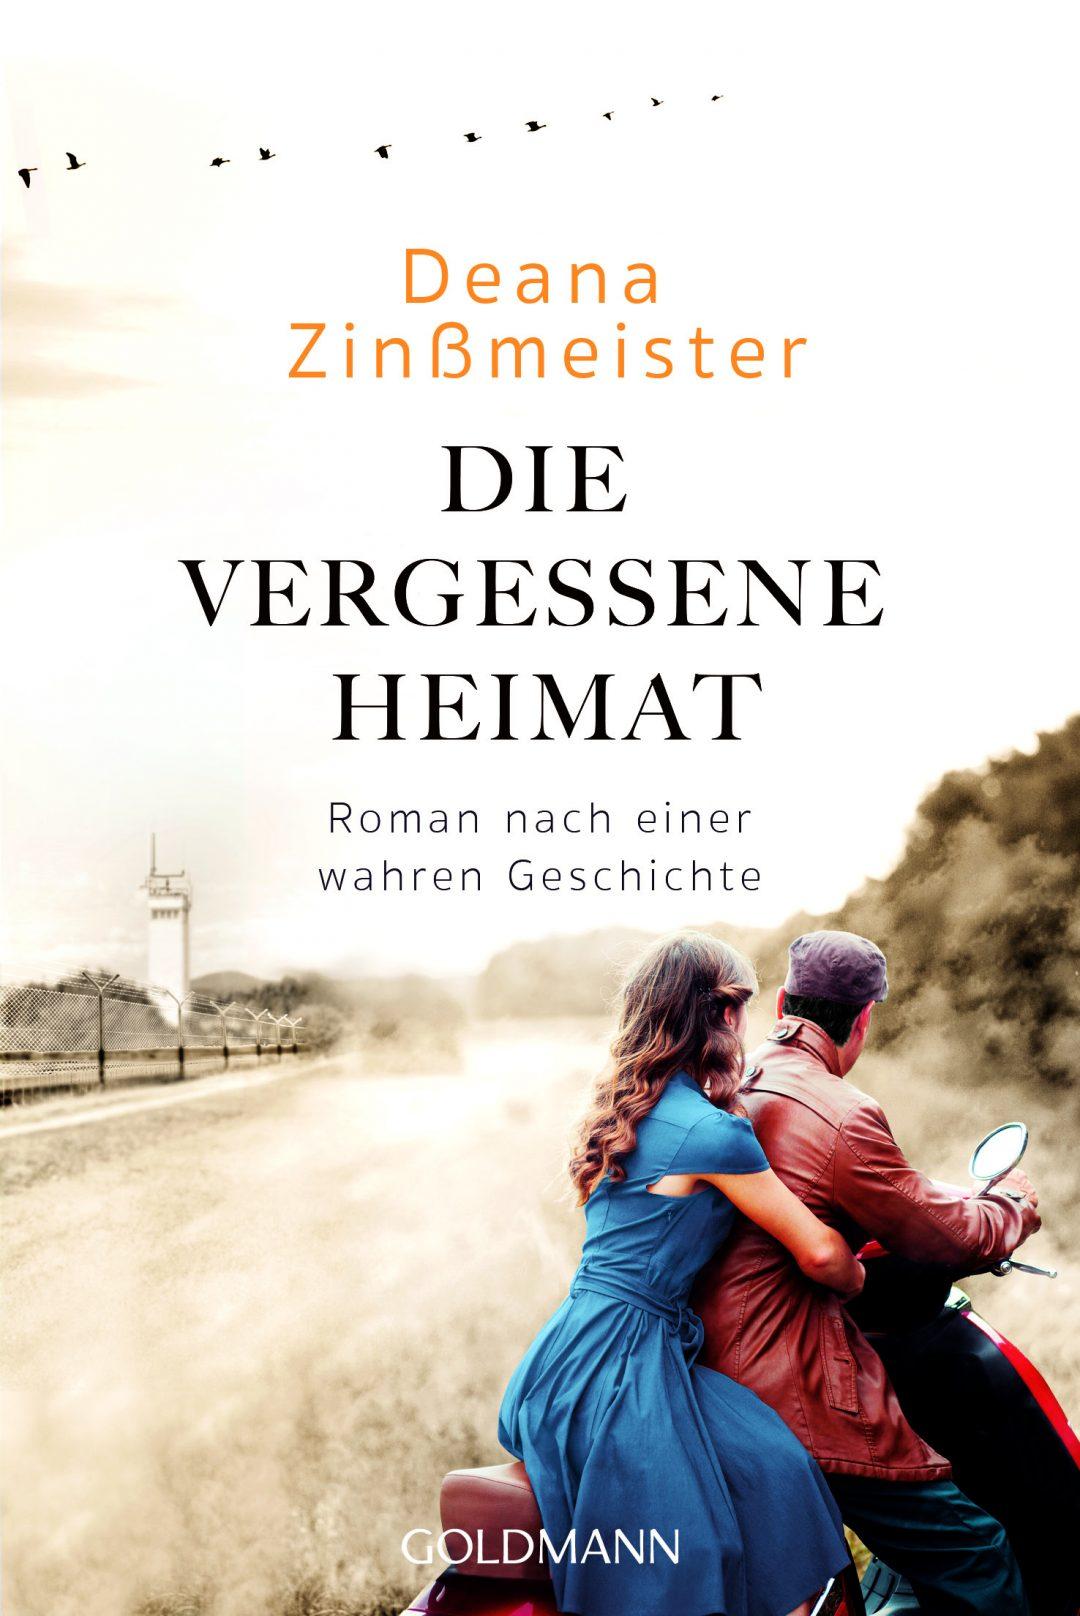 Die vergessene Heimat von Deana Zinßmeister ©Goldmann